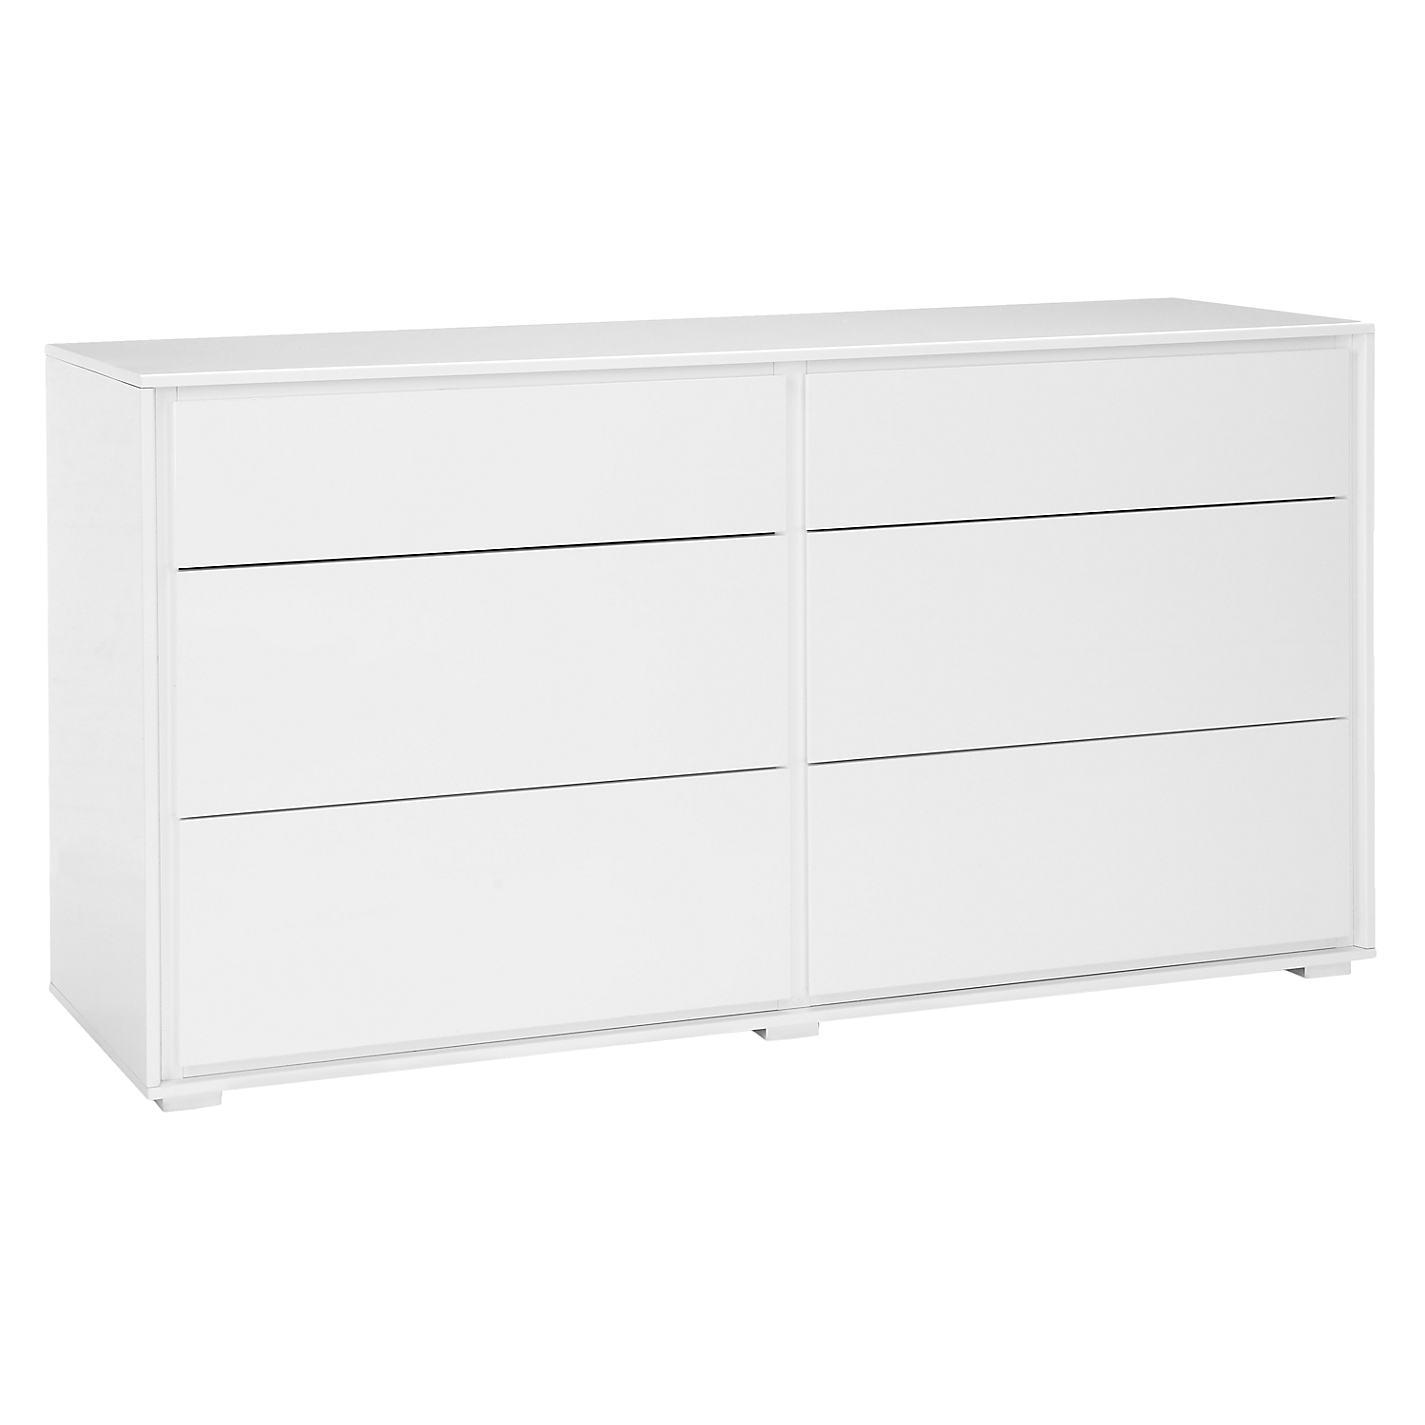 buy john lewis napoli gloss 6 drawer chest white online at